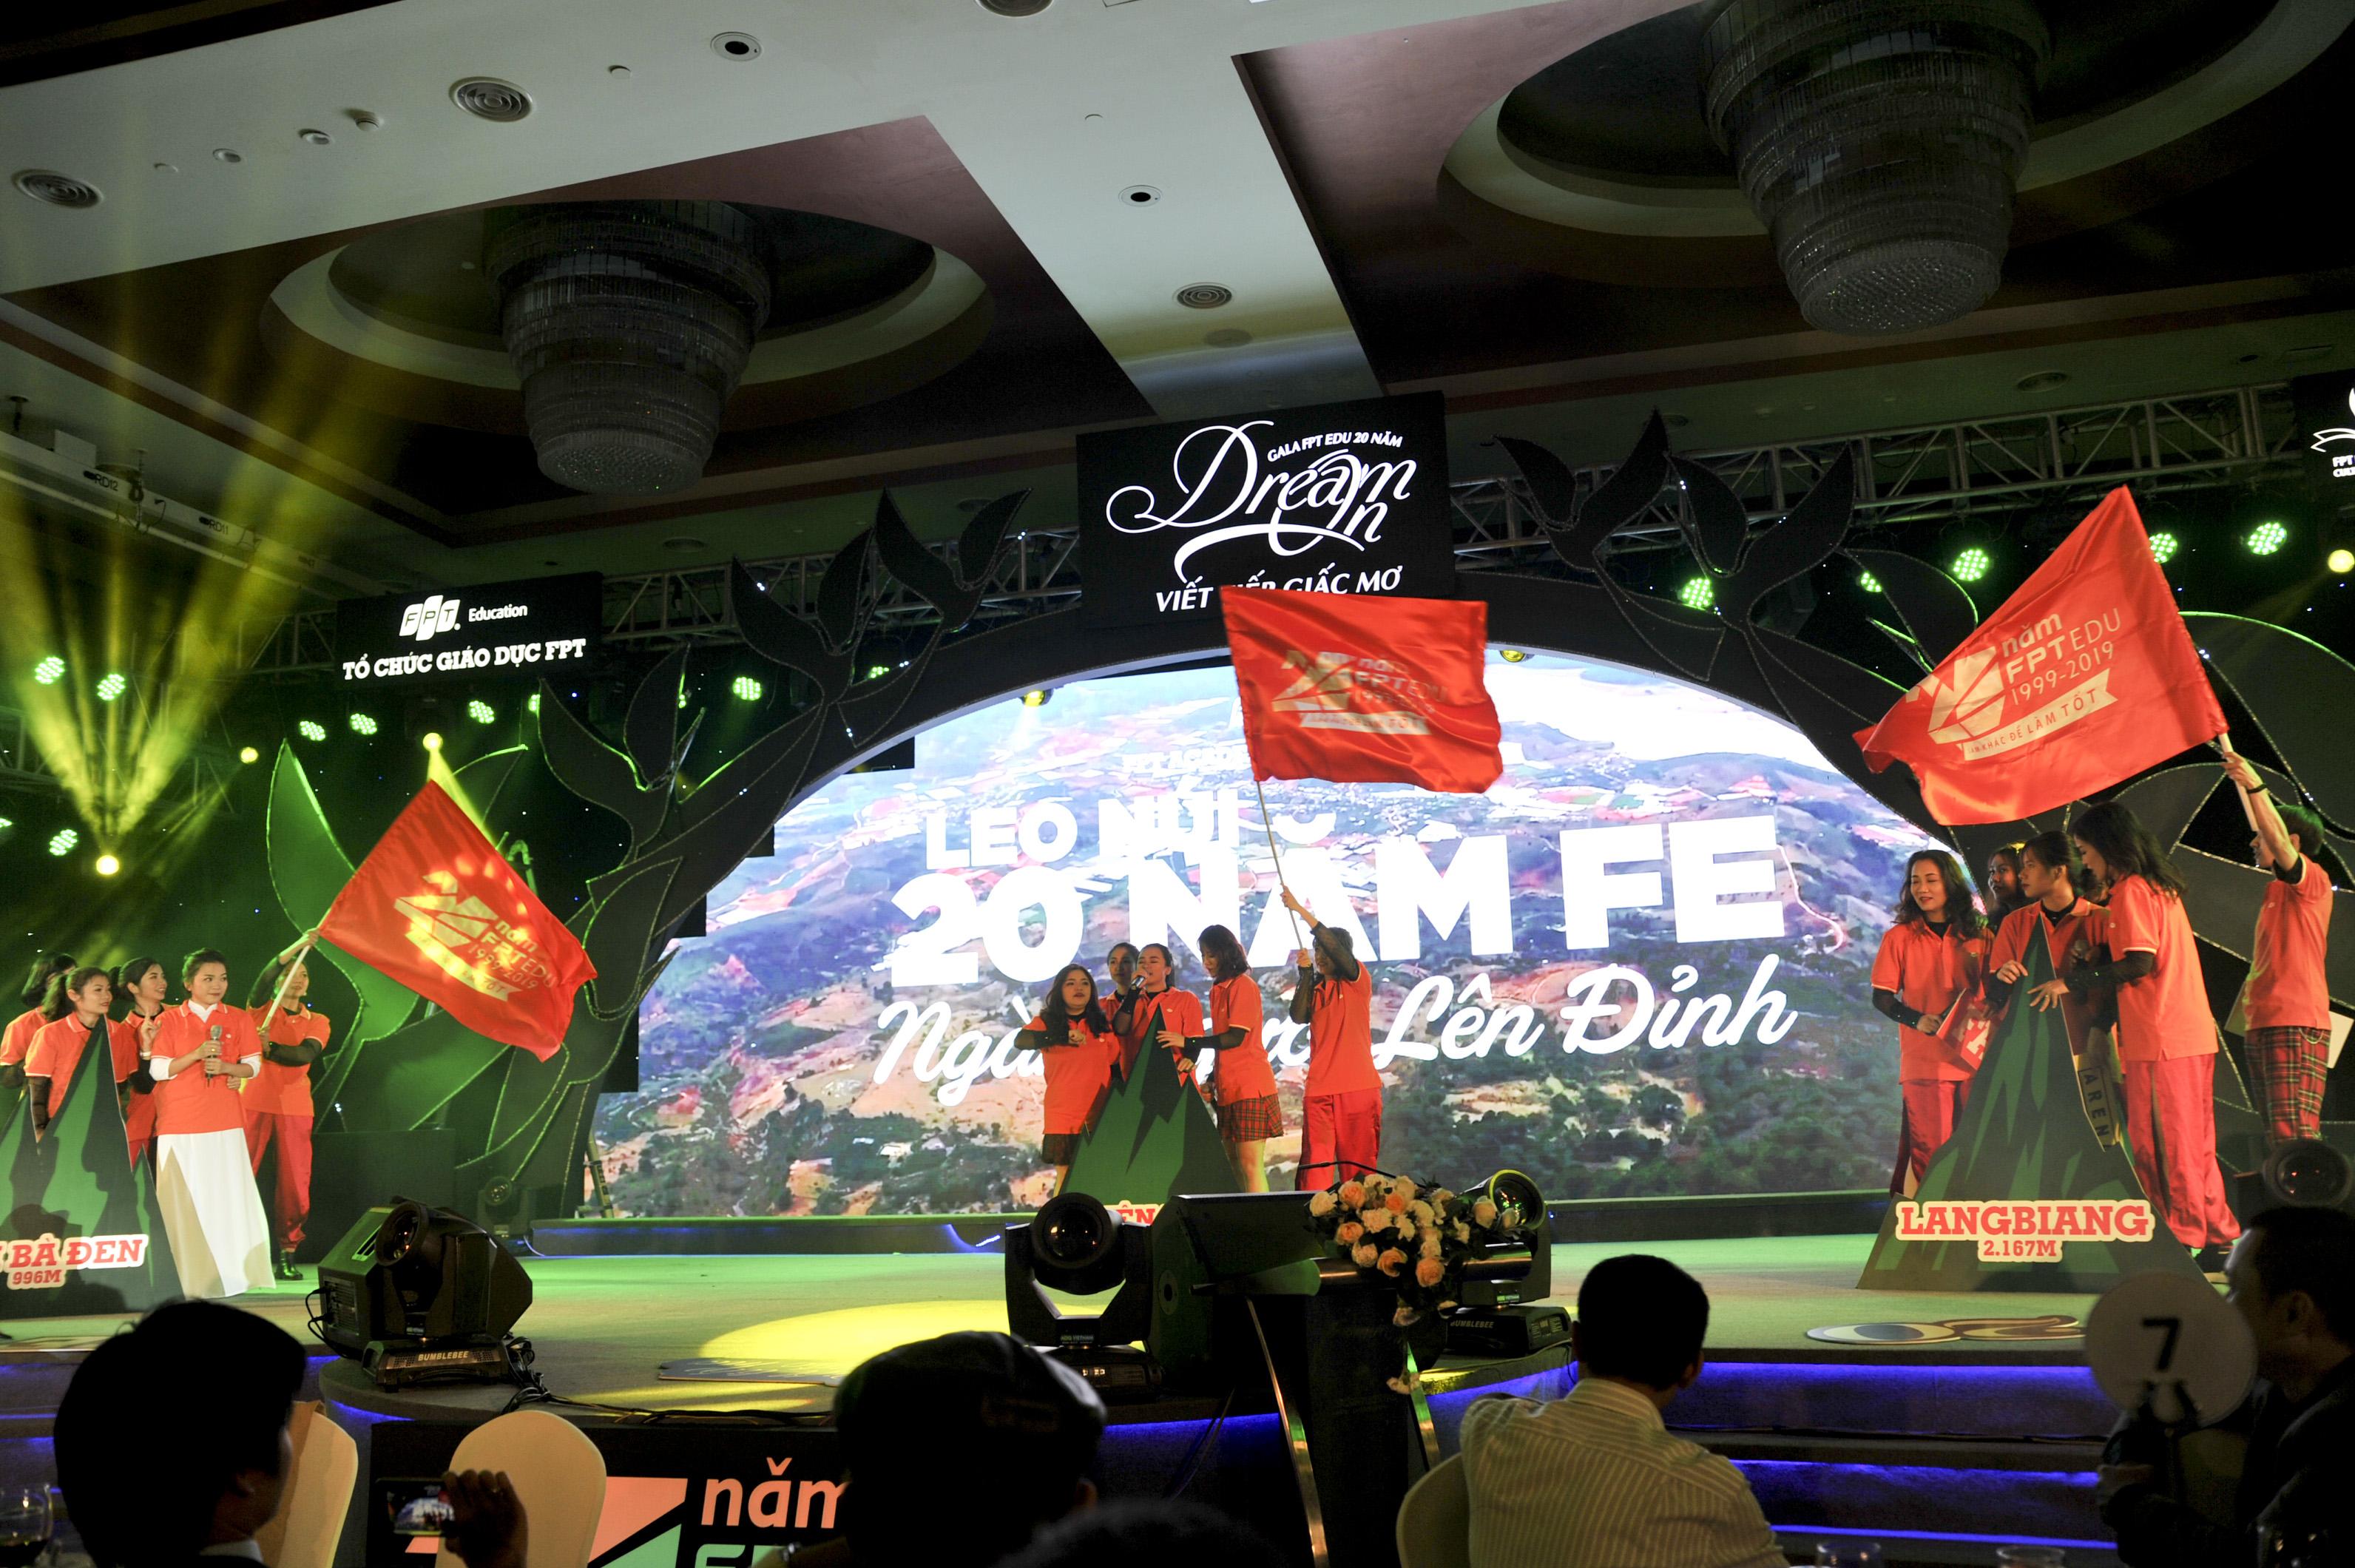 """Viện Đào tạo Quốc tế FPT (FAI) là nhóm đầu tiên biểu diễn. FAI tái hiện khoảnh khắc """"ngàn người lên đỉnh"""" của FPT Edu vừa qua."""